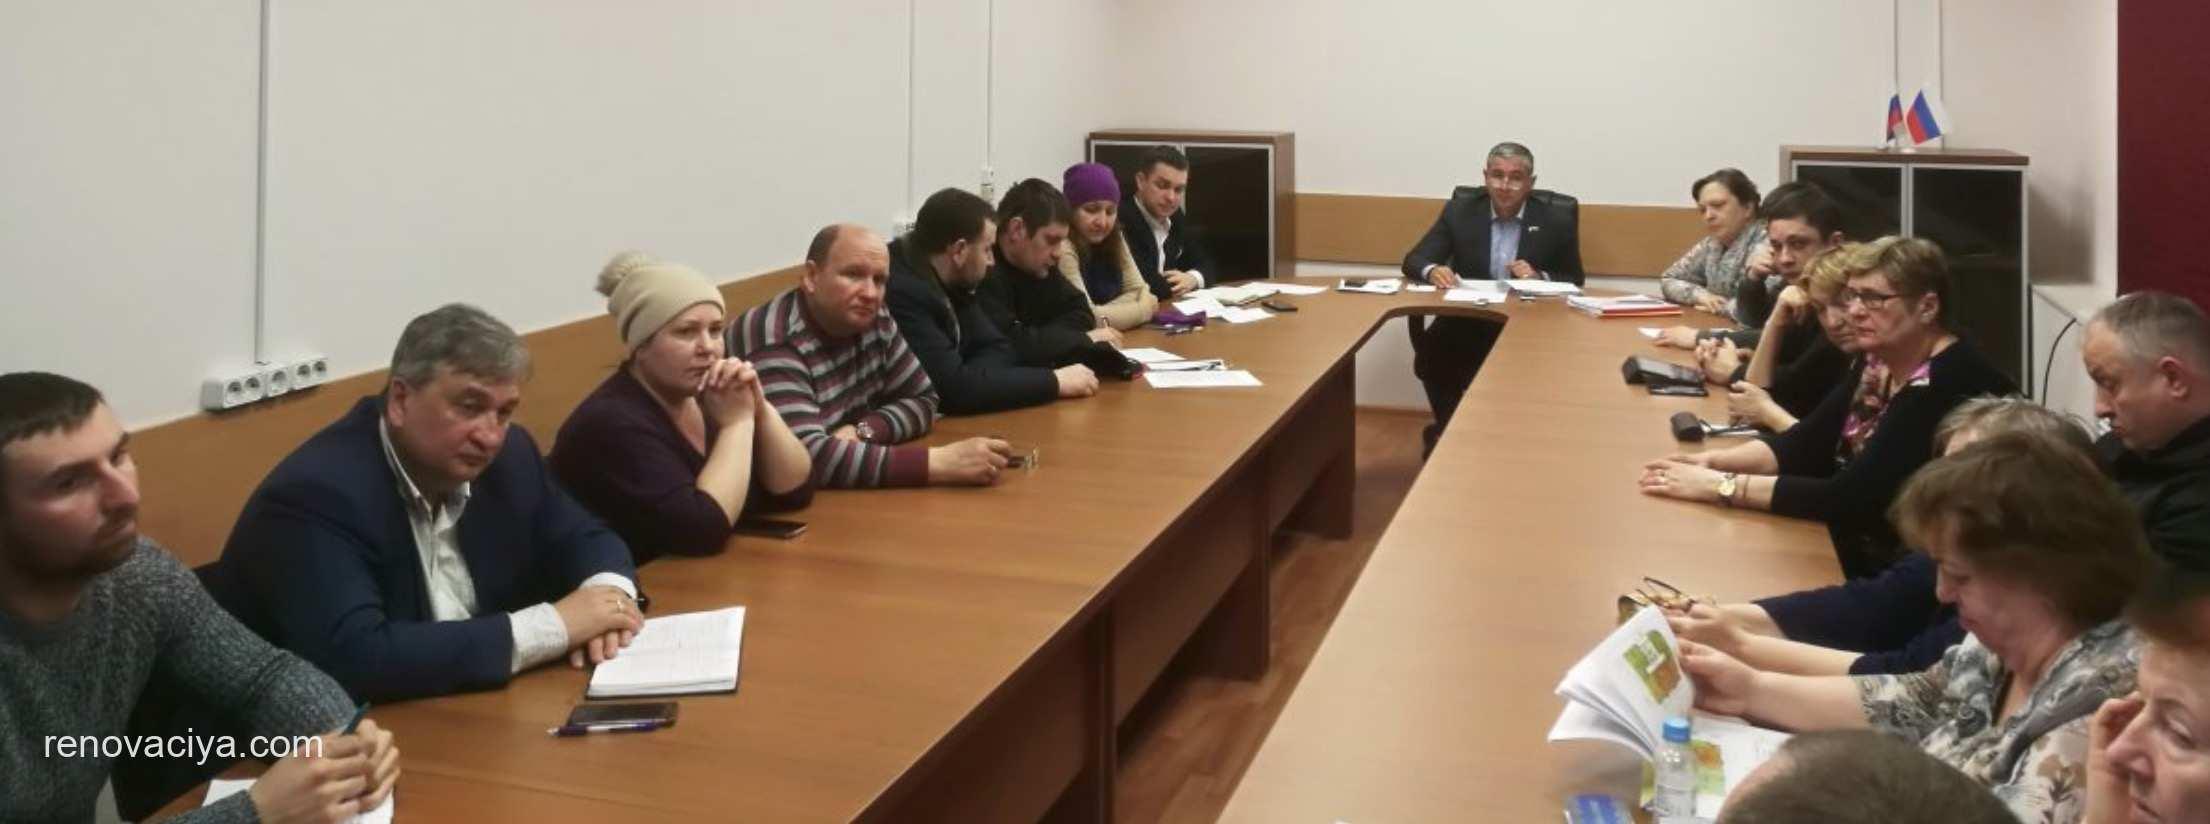 Жители Косино встретились с Фондом реновации